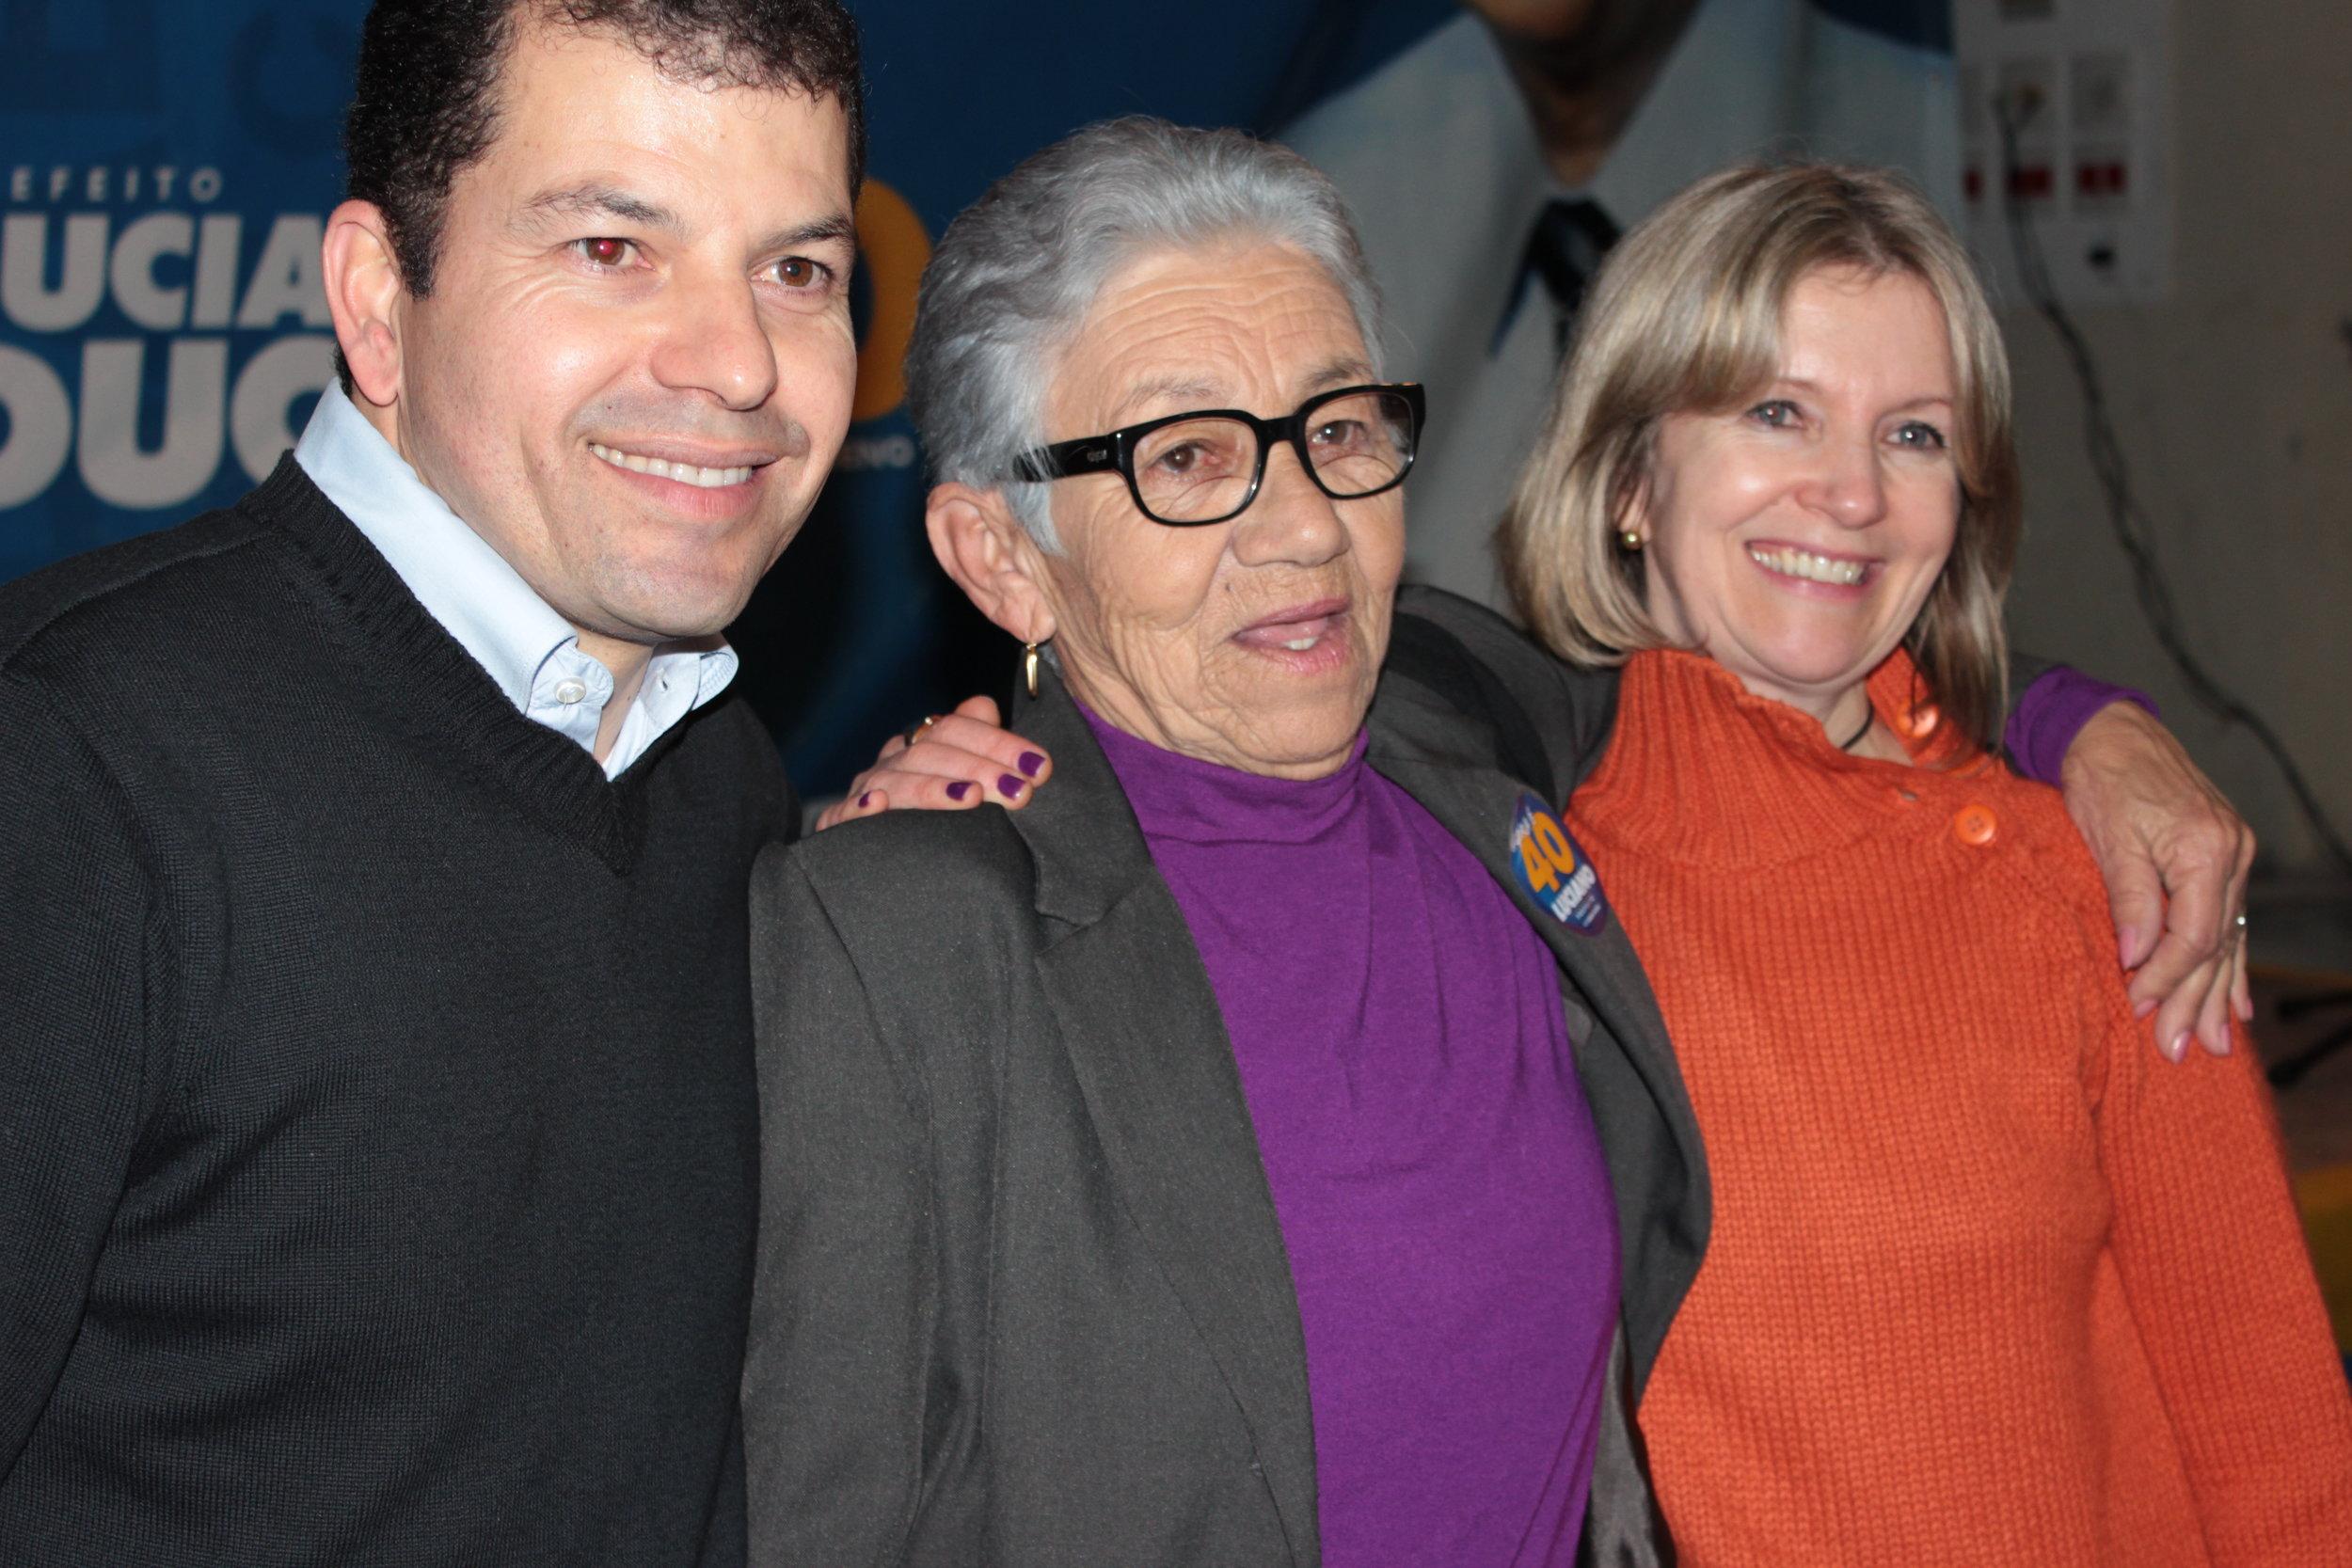 Lancamento Candidatura Serginho 2012 - Salao Rosario de Belem (139).JPG